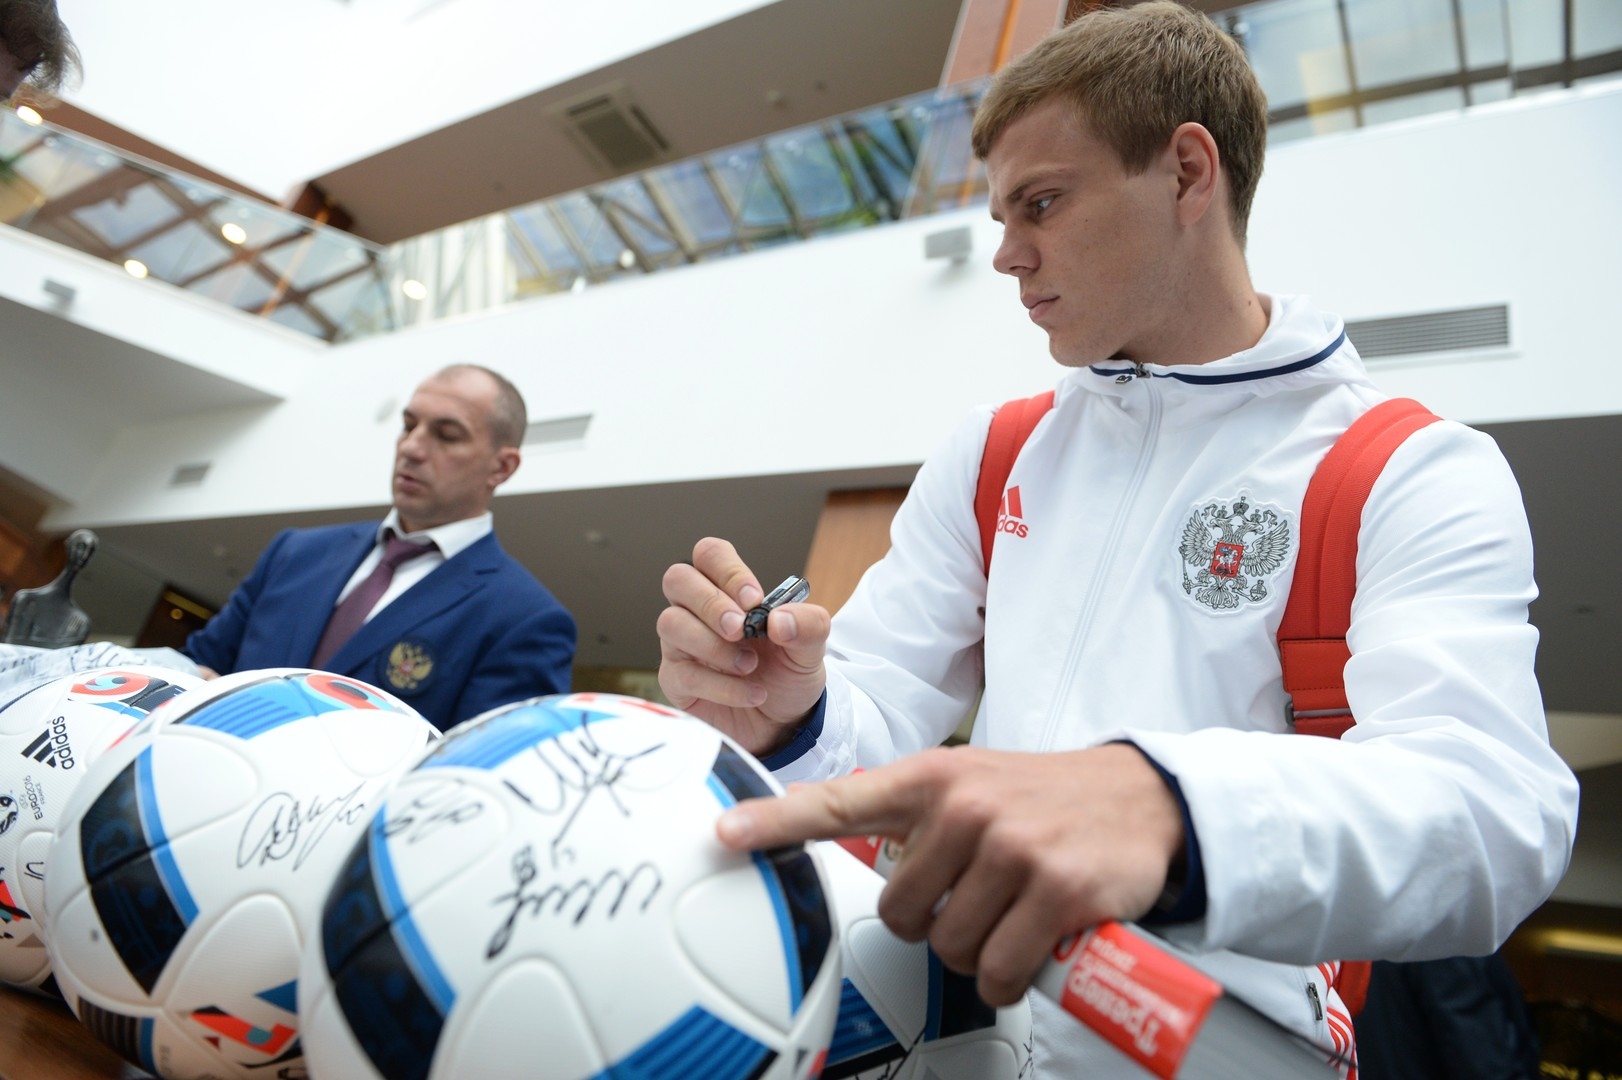 Игрок сборной России Александр Кокорин в аэропорту «Шереметьево» перед вылетом на чемпионат Европы по футболу 2016.